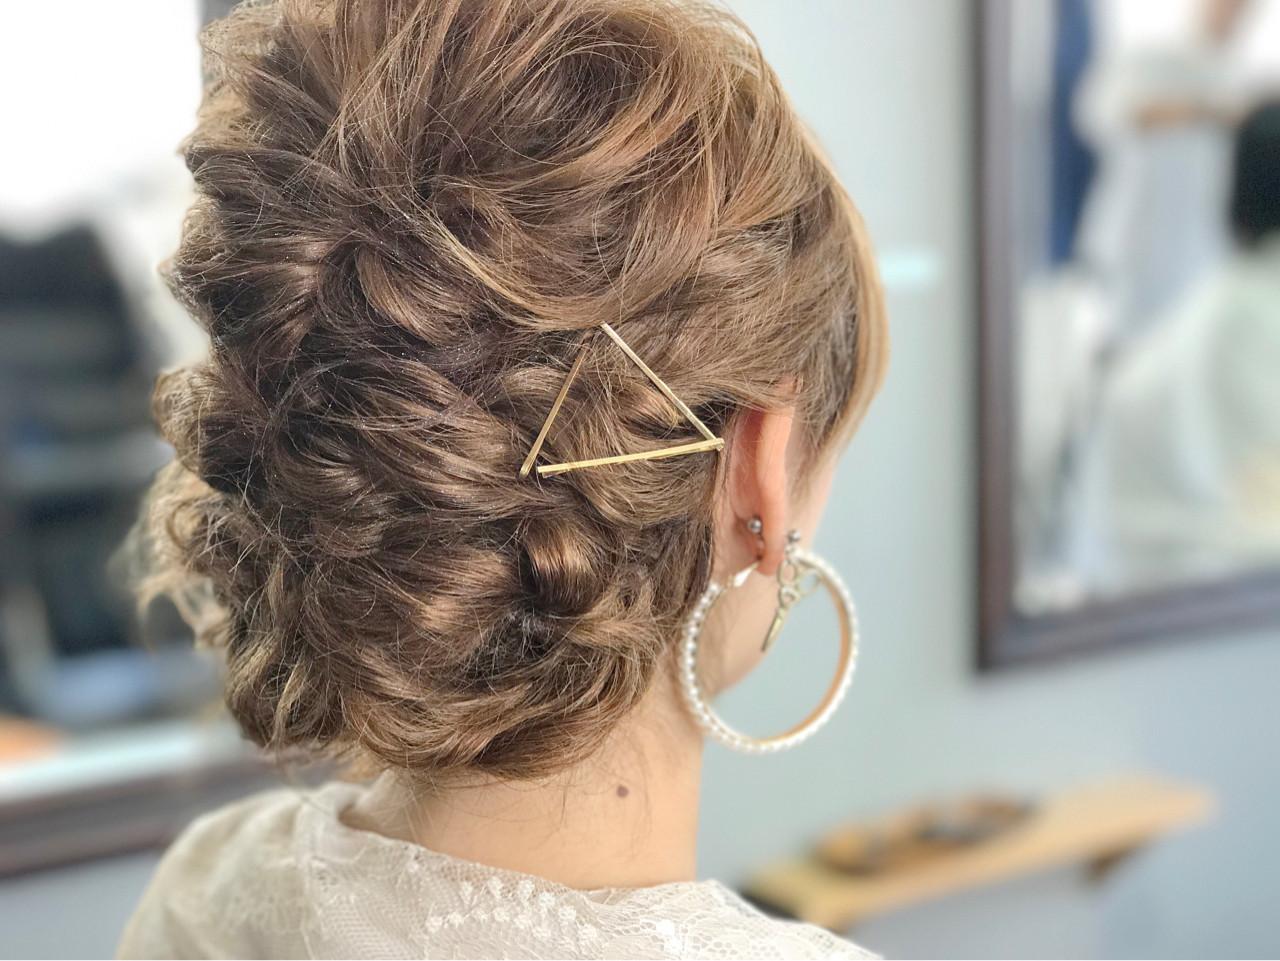 ミディアム ヘアアレンジ ゆるふわ フェミニン ヘアスタイルや髪型の写真・画像